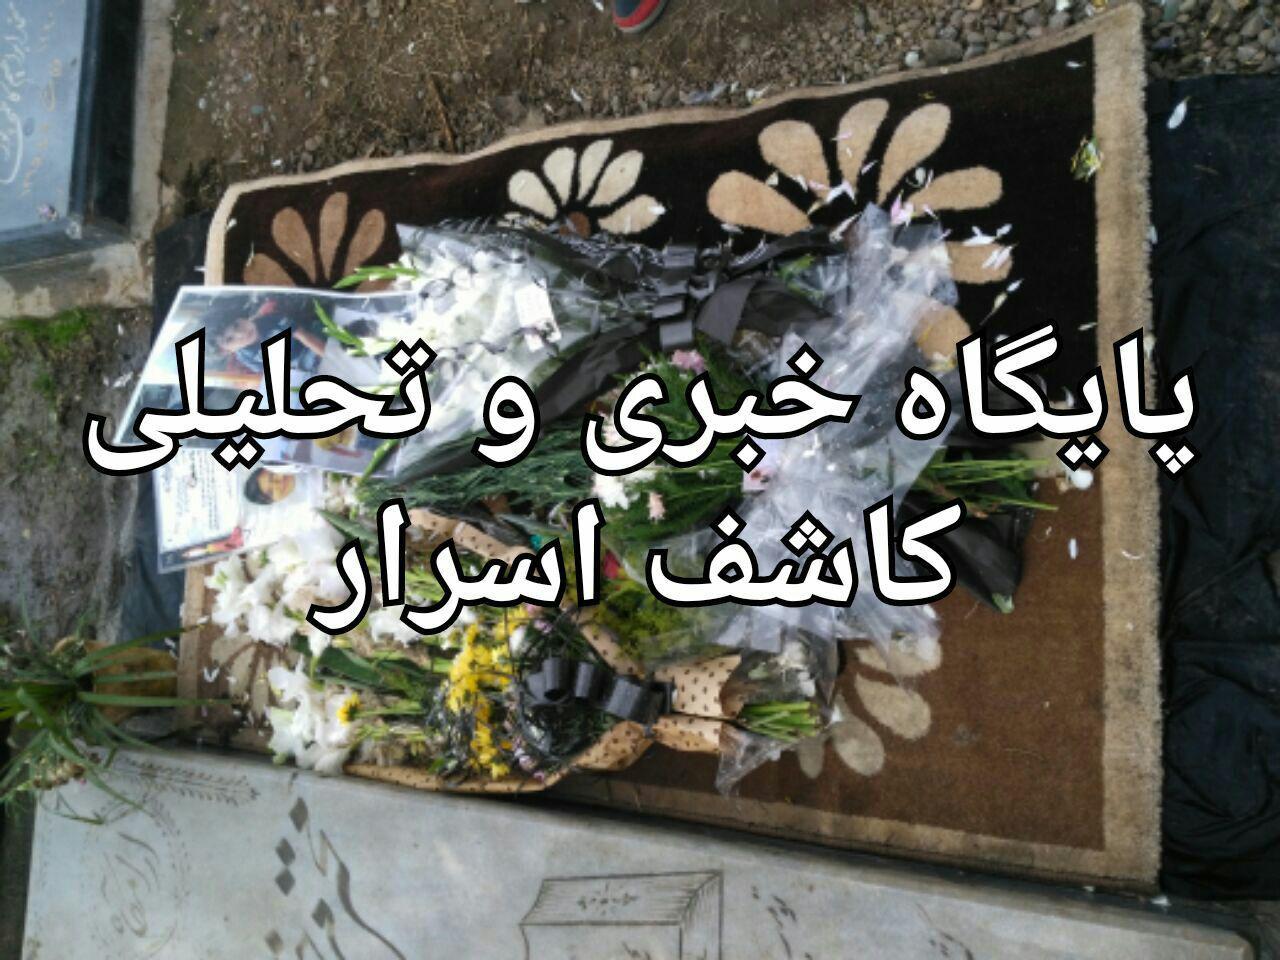 عکسهای منزل و قبر اهورا 18 آبان 96.jpg4